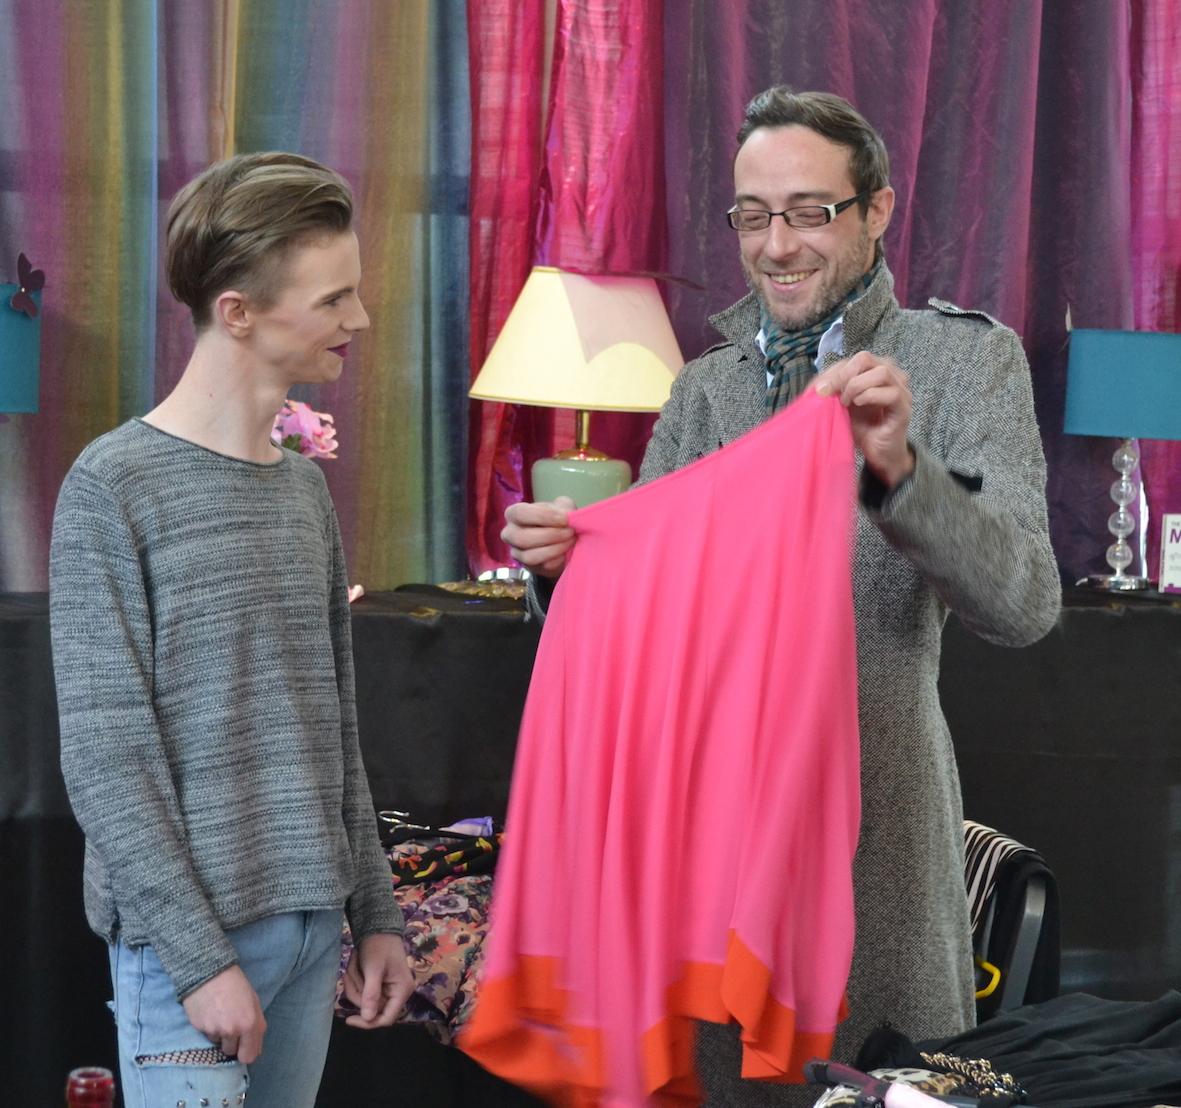 Limerick LGBTQ Pride 2017 Fashion Show Fundraiser